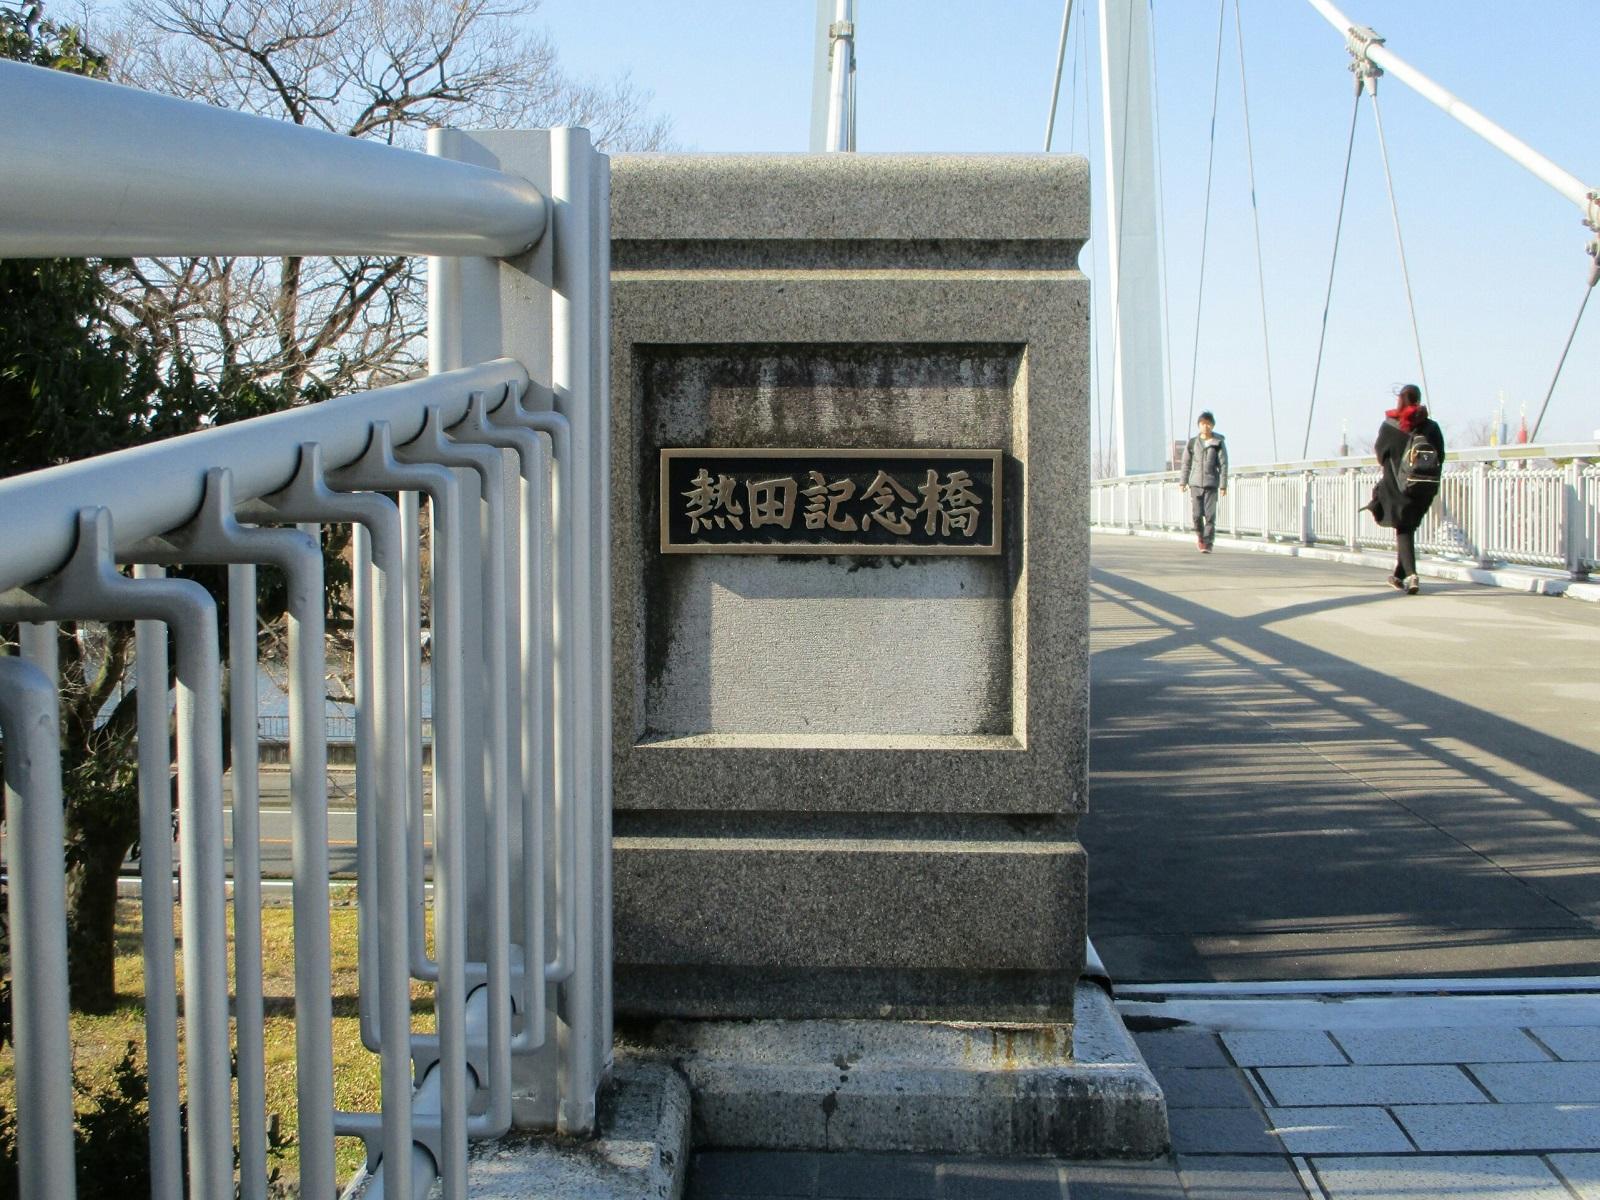 2019.1.16 (36) 熱田記念橋 - 銘板 1600-1200